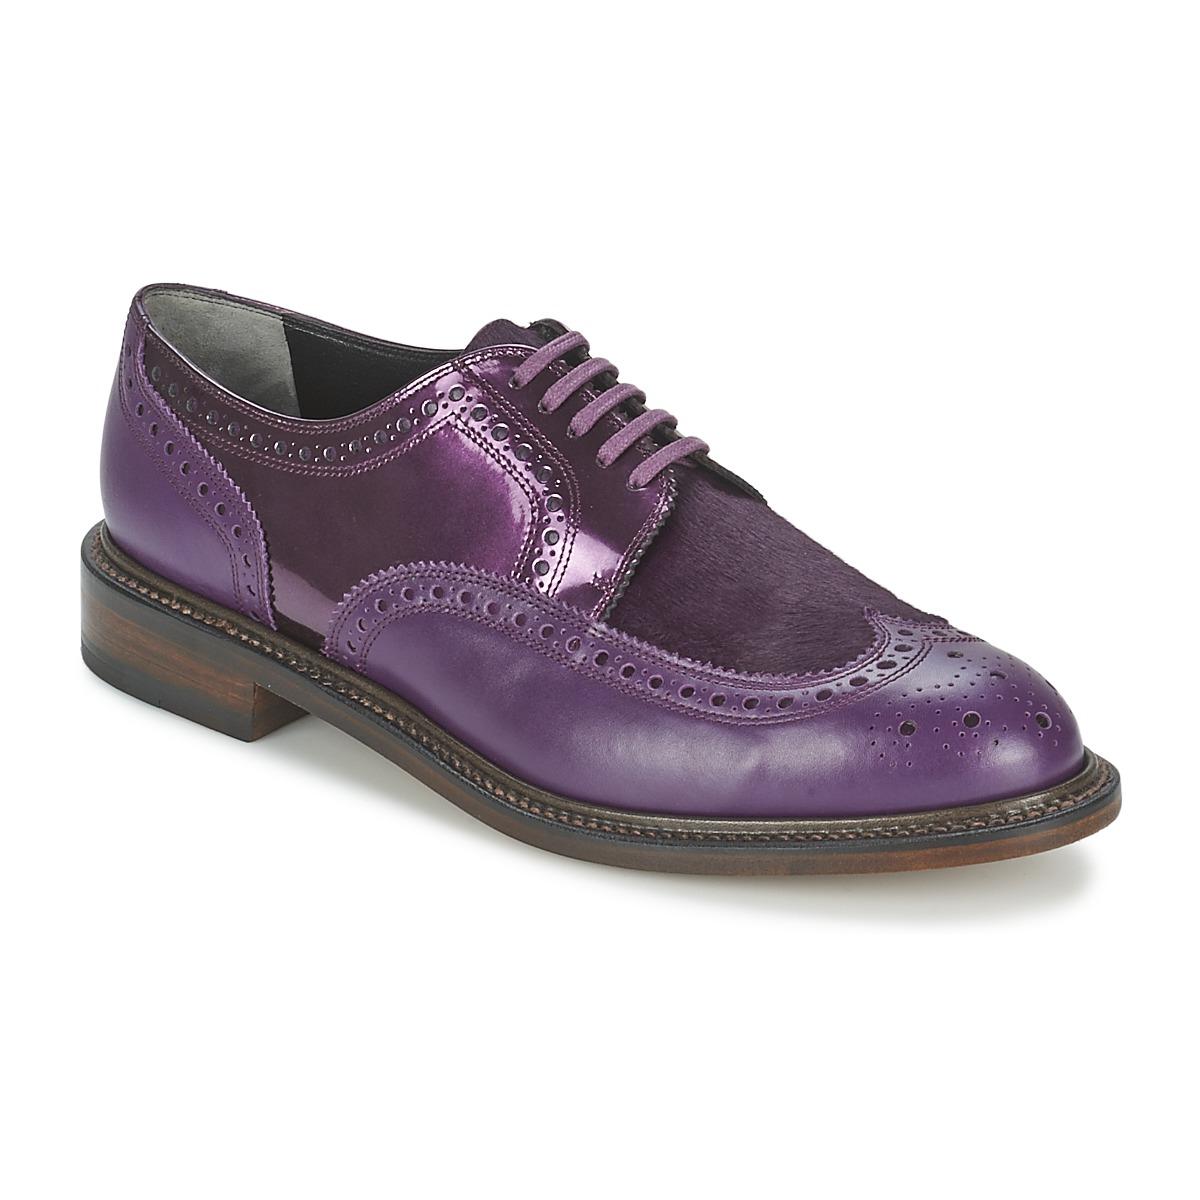 robert clergerie roel violet livraison gratuite avec chaussures derbies femme. Black Bedroom Furniture Sets. Home Design Ideas